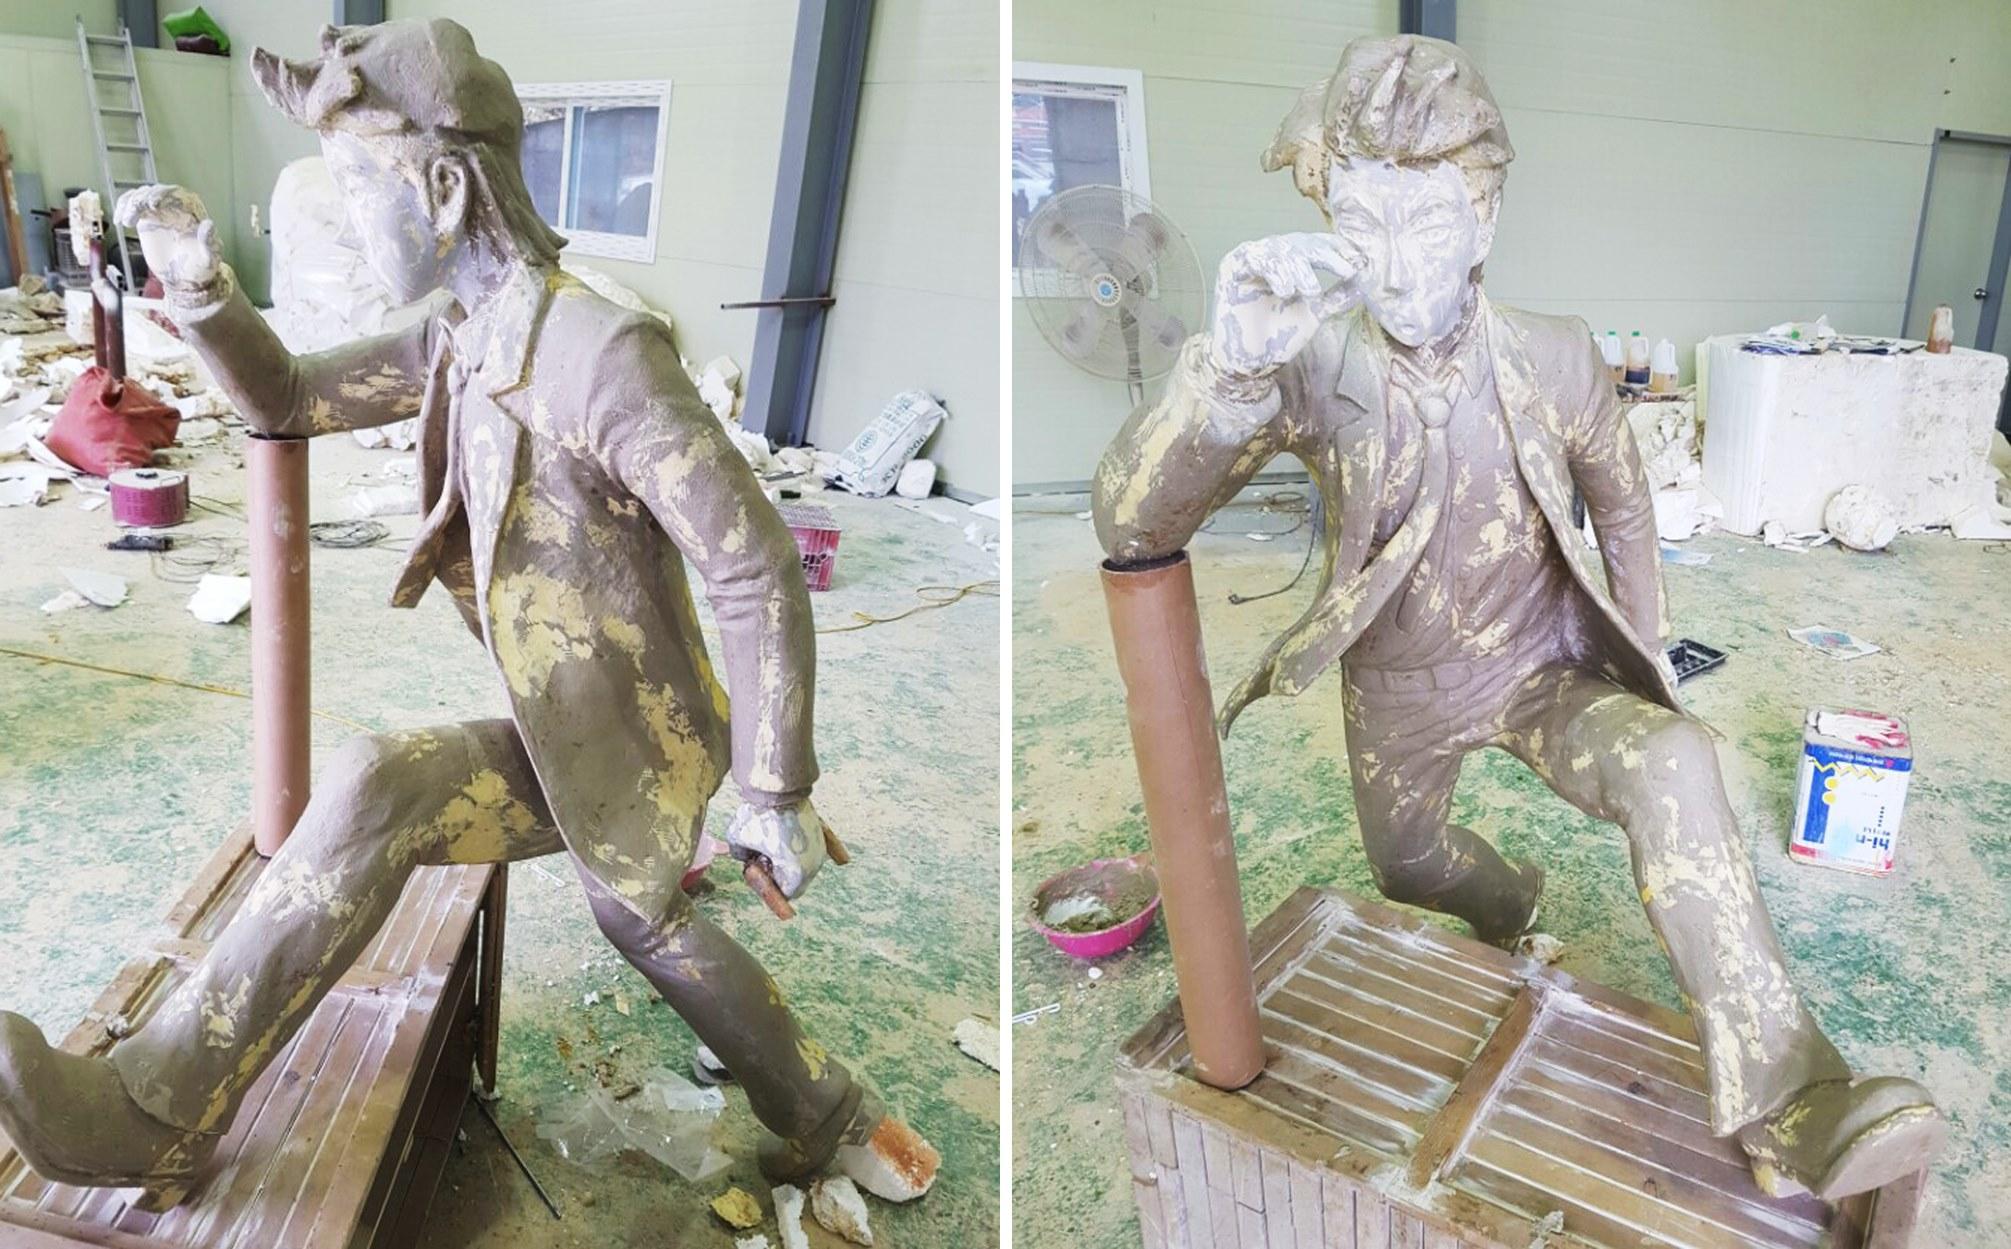 청동 조형물 제작 청동상 브론즈 조형물 설계 금속 조형물 제작 대형 피규어 캐릭터 모형 제작 소녀상 제작 상징 조형물 디자인 조형물 설치